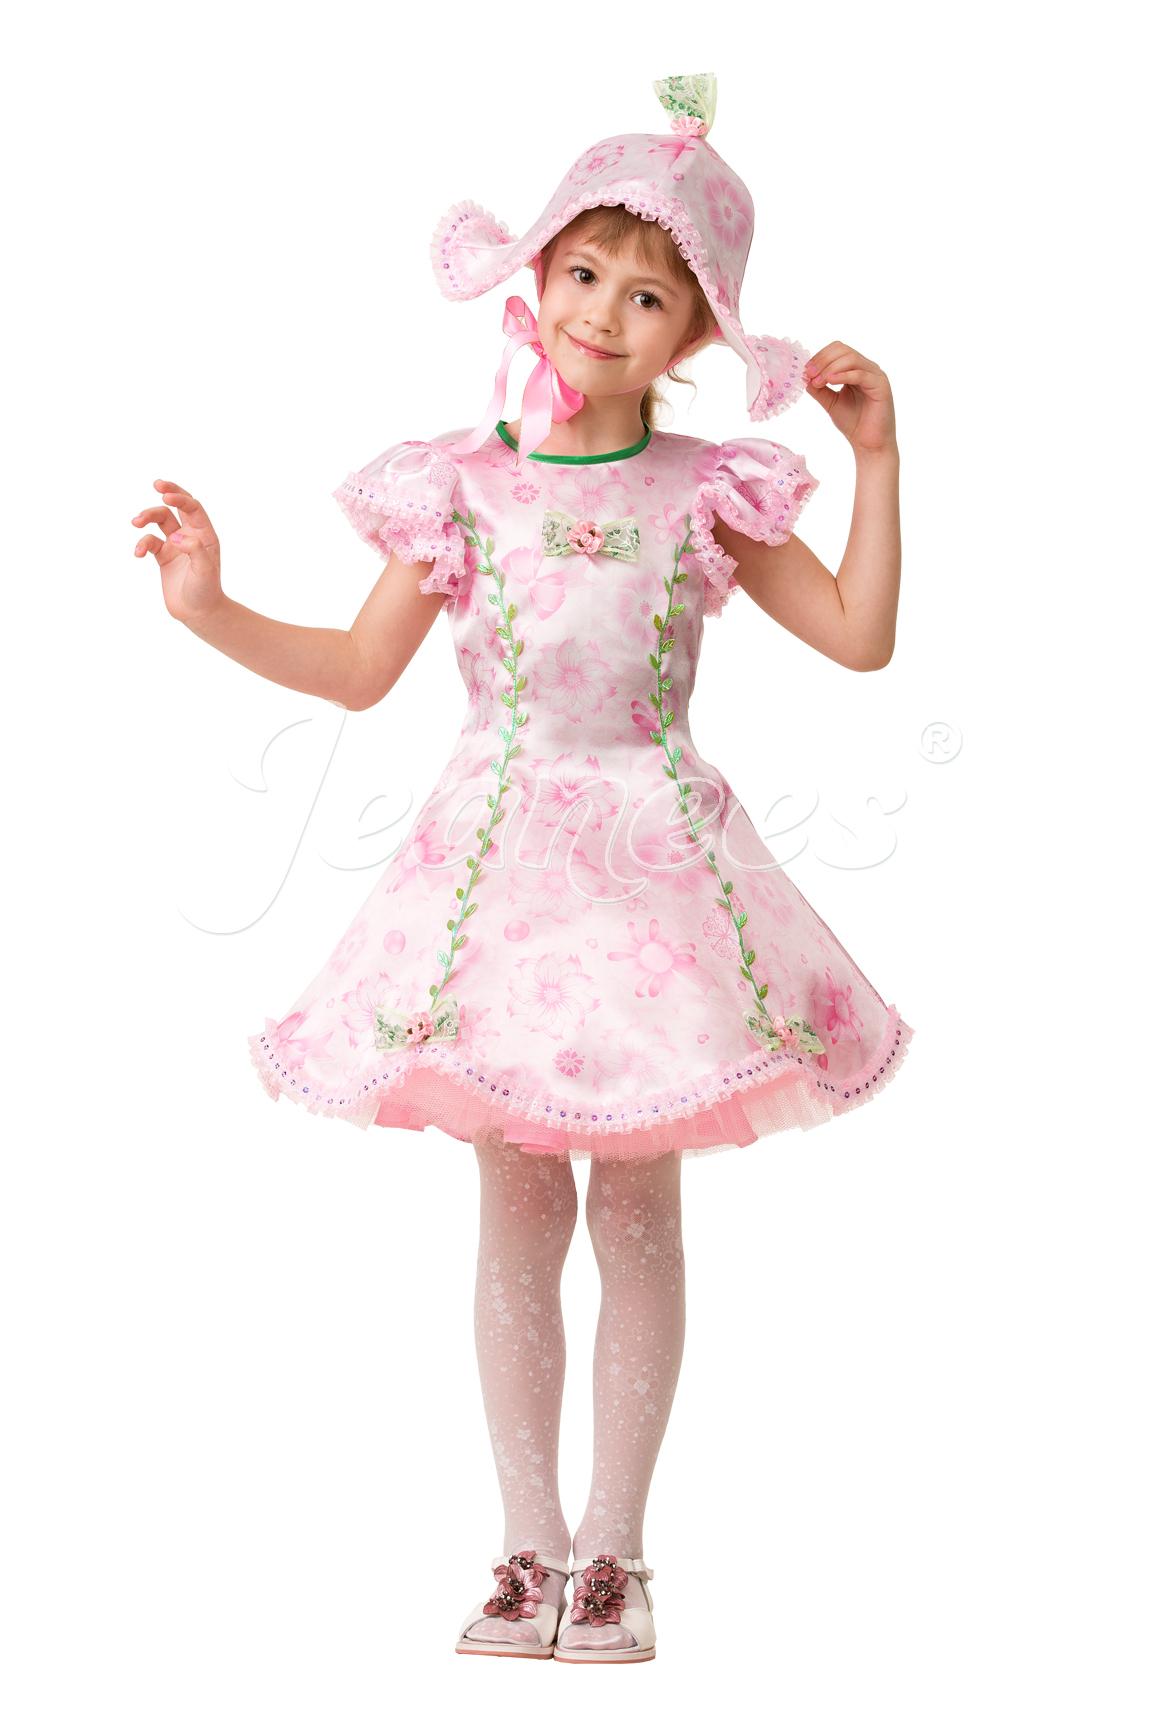 Дюймовочка Cказочная детский карнавальный костюм